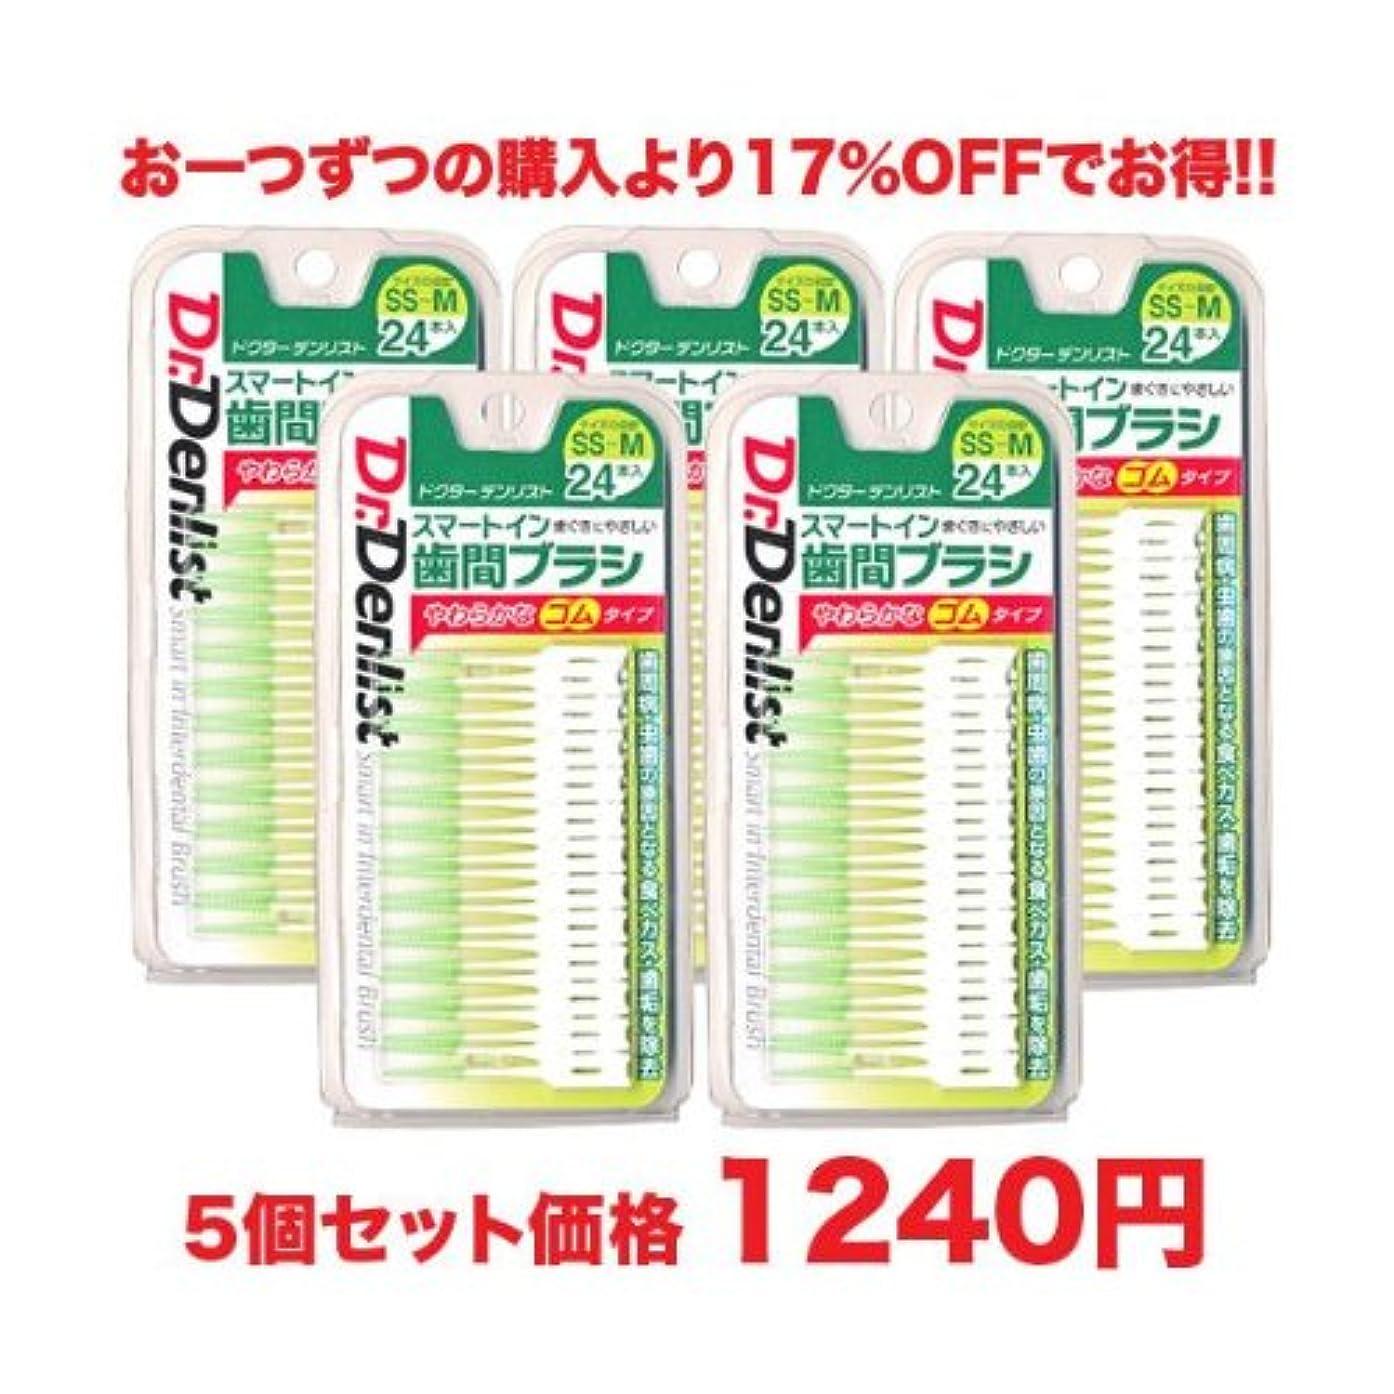 版不忠曲げる歯間ブラシ スマートイン やわらか歯間ブラシ サイズSS~M 24本入 5個セット やわらかなゴムタイプ